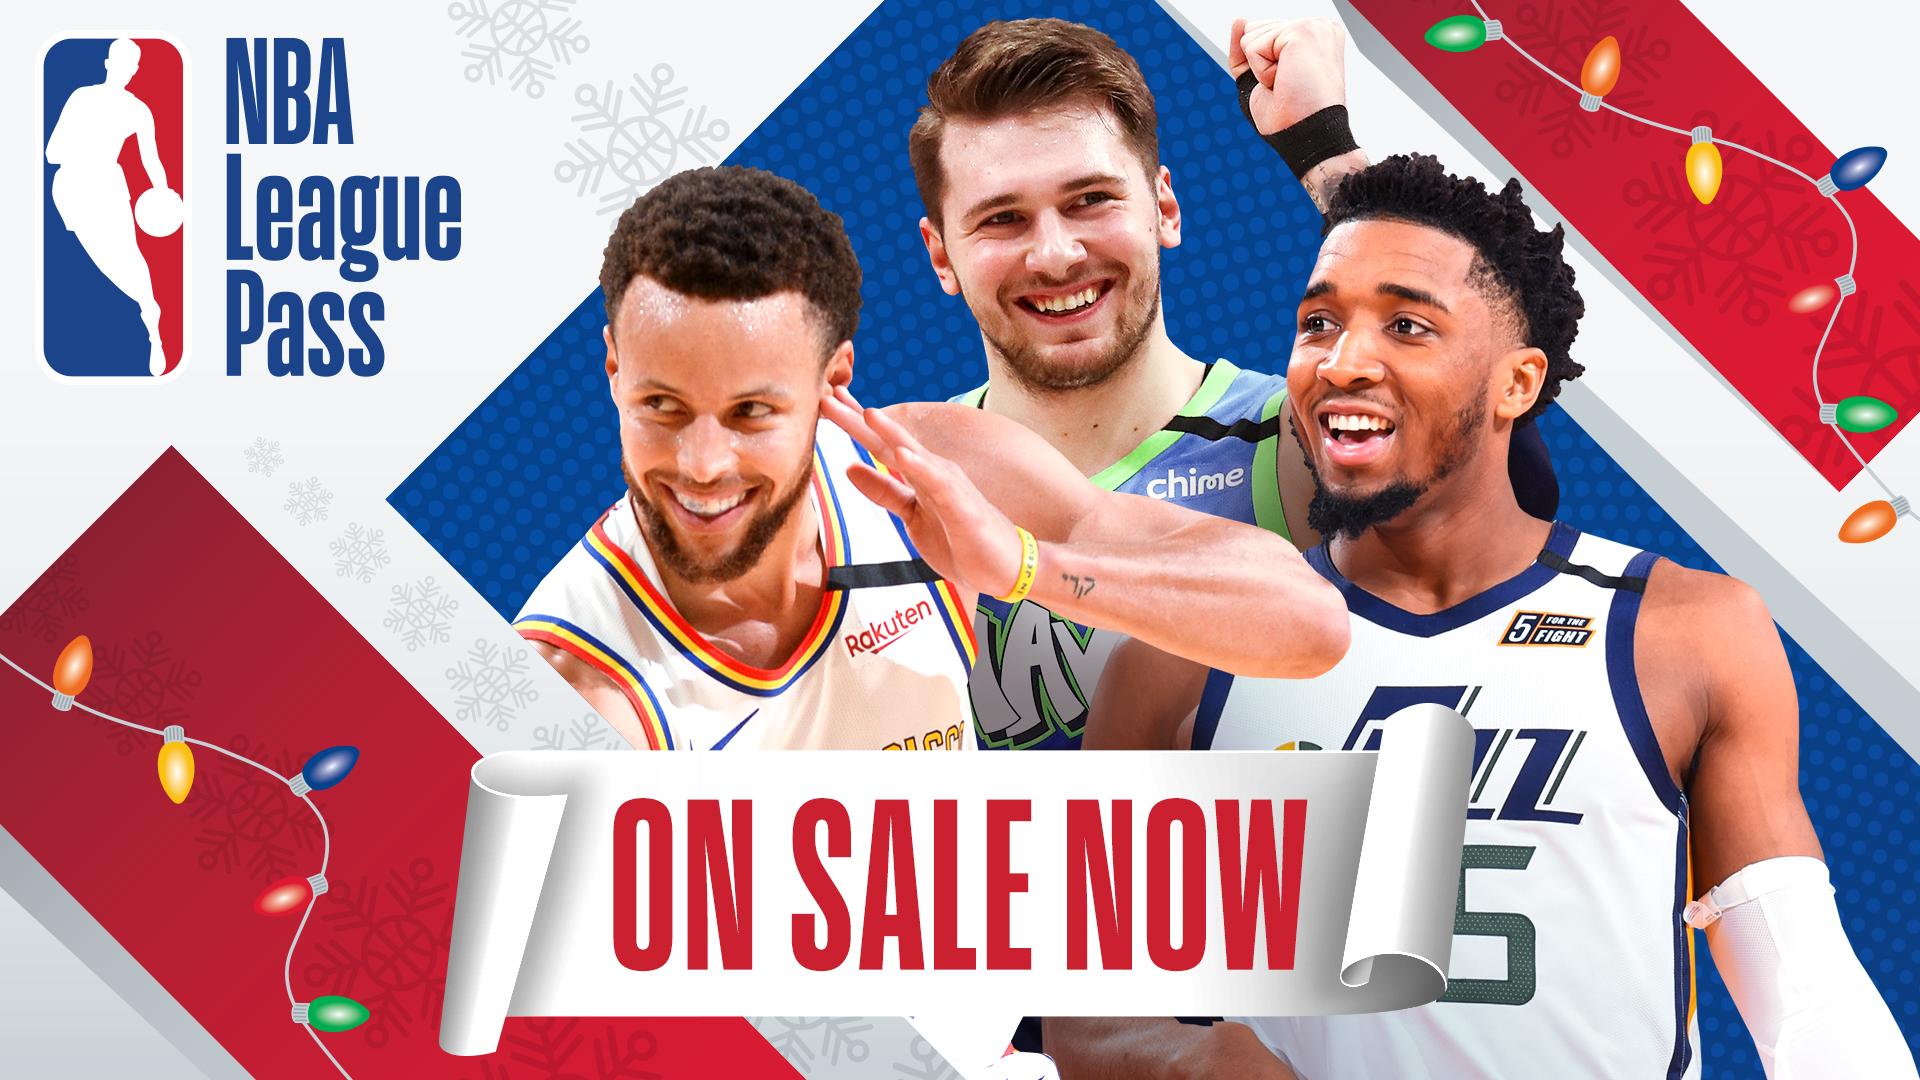 NBA Digital presenta nuevos productos digitales y mejoras ...